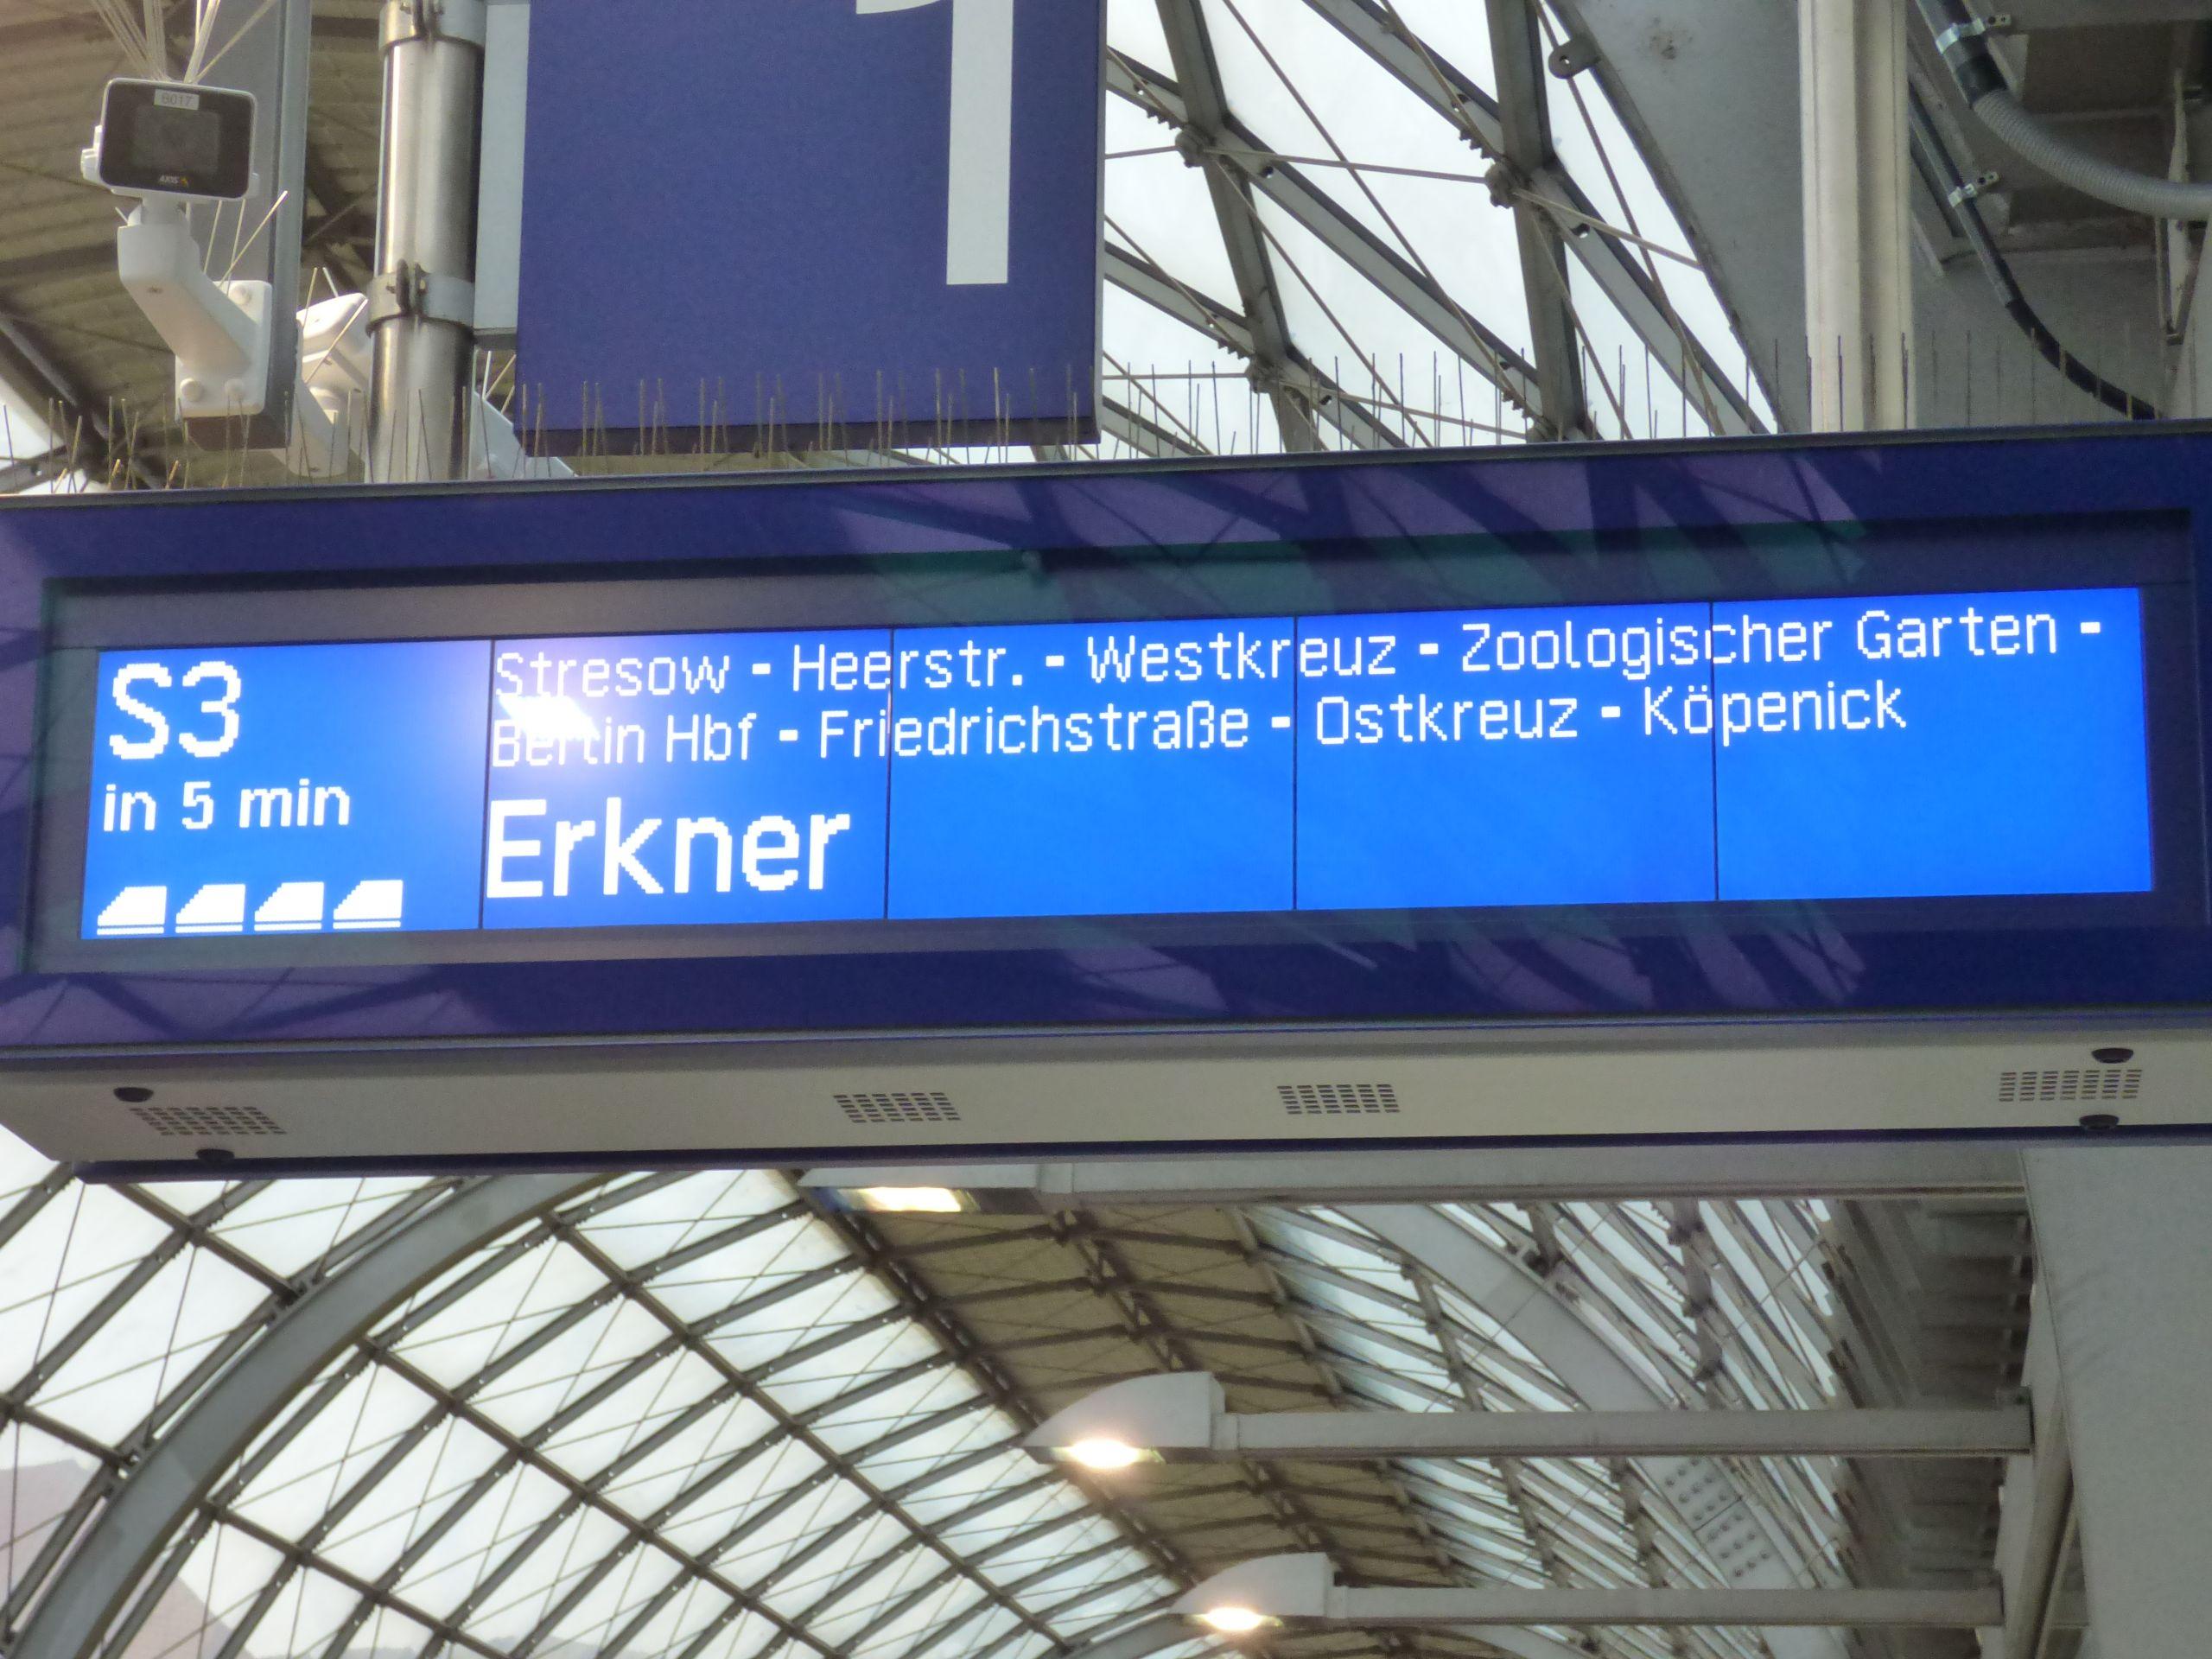 Bahnhof Zoologischer Garten Berlin Genial Berlin Bummel Zwischen Bahnhof Zoo Kranzler Und Hugendubel